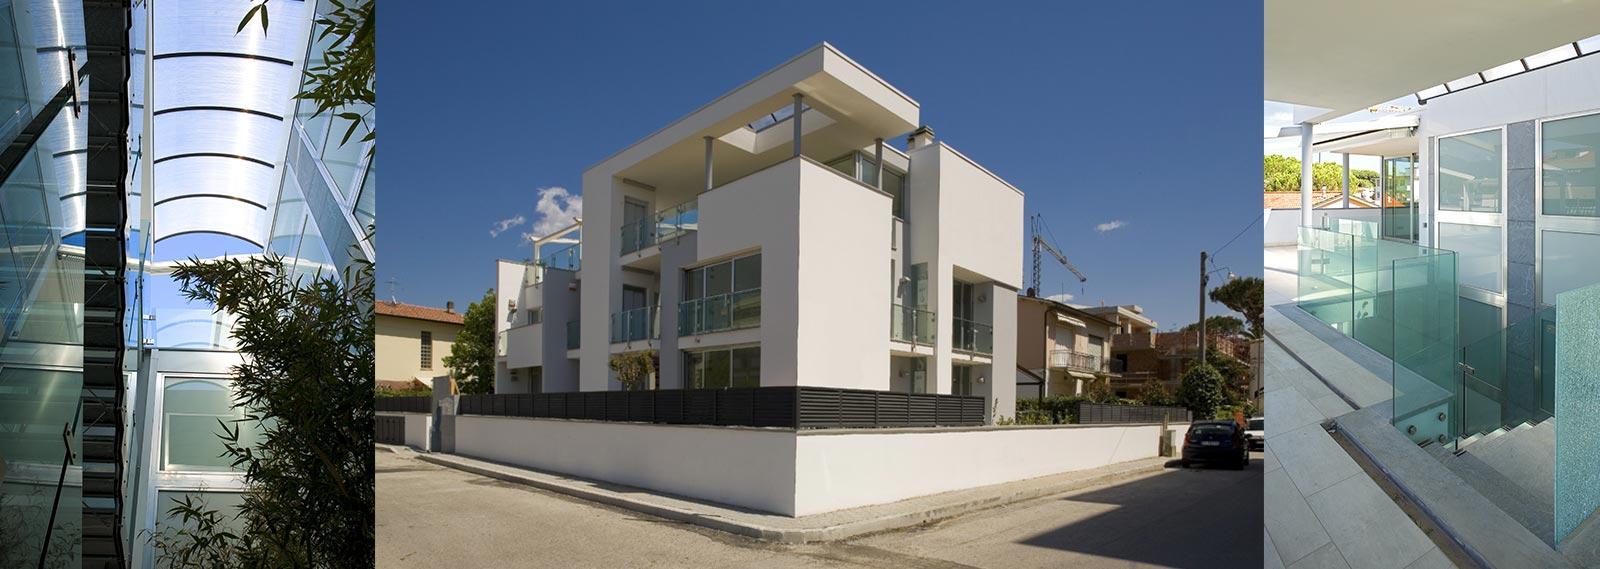 case in vendita in versilia sul mare